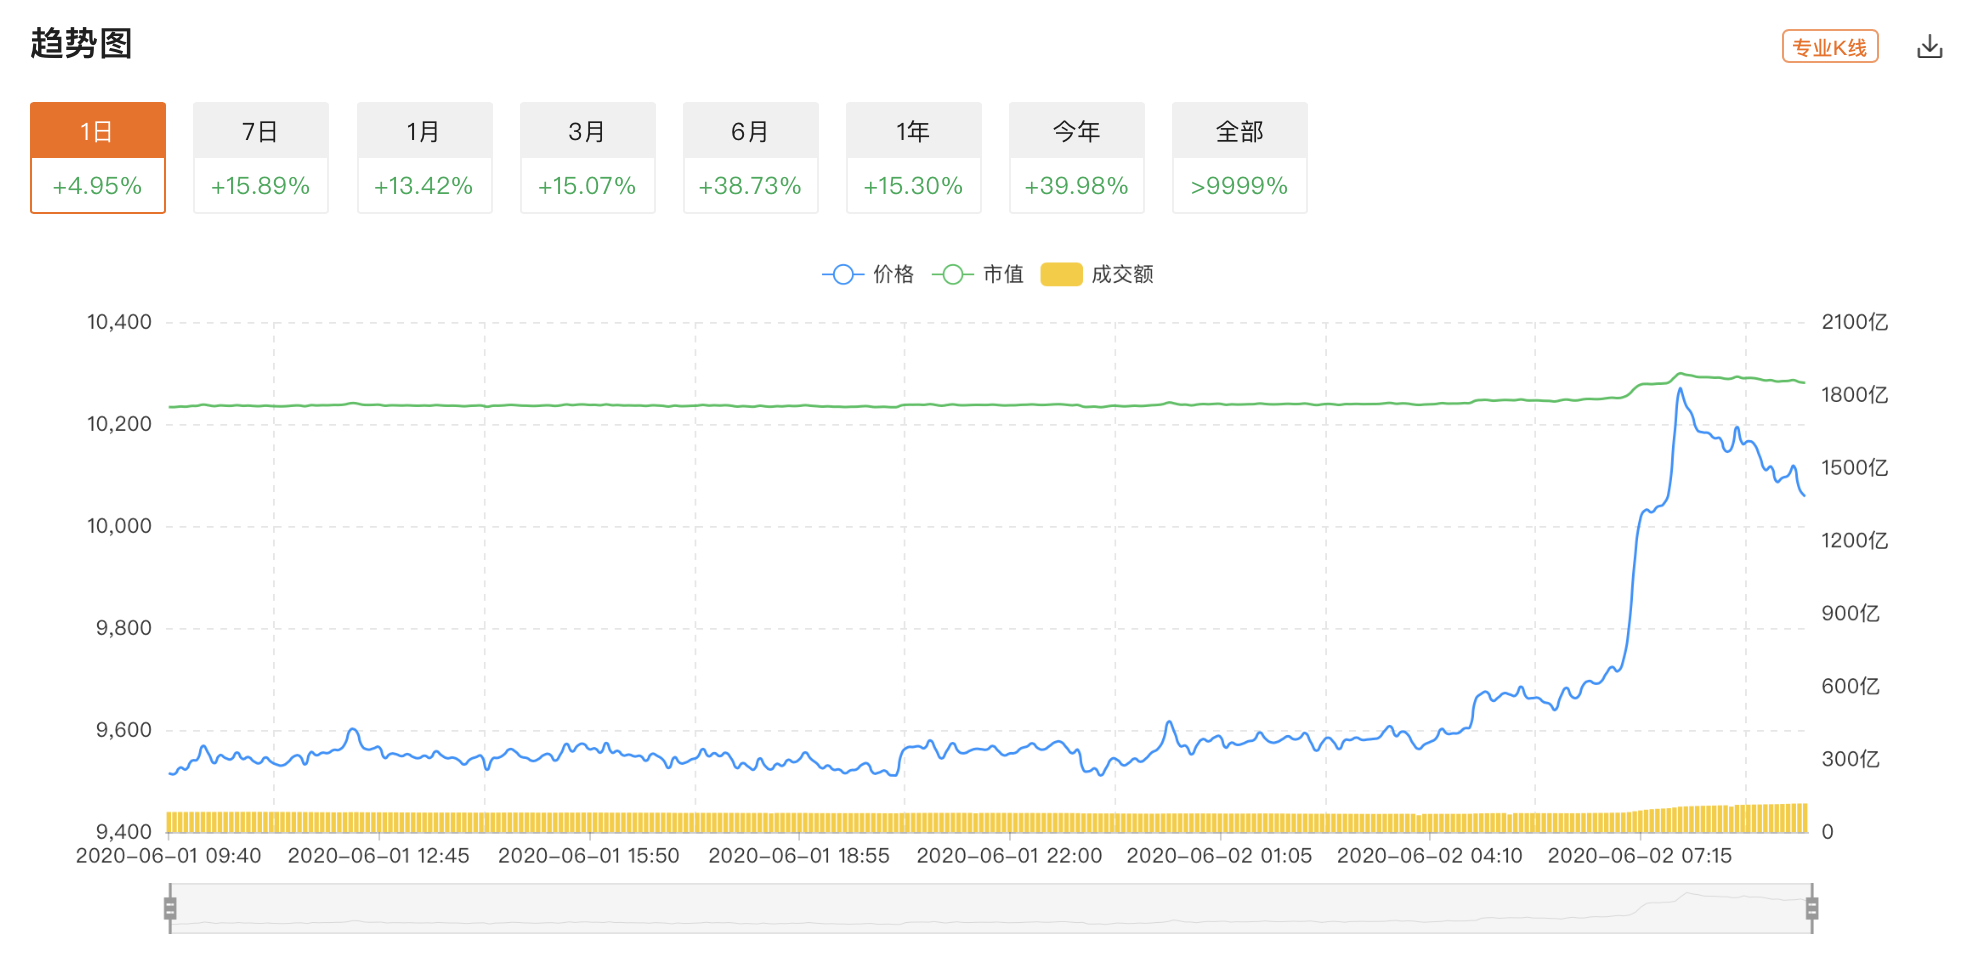 北京时间6月2日早晨,比特币快速拉升,突破10000美元关口,最高触及10200美元。根据QKL123行情显示,这次行情大约从今日早晨4点钟左右开启